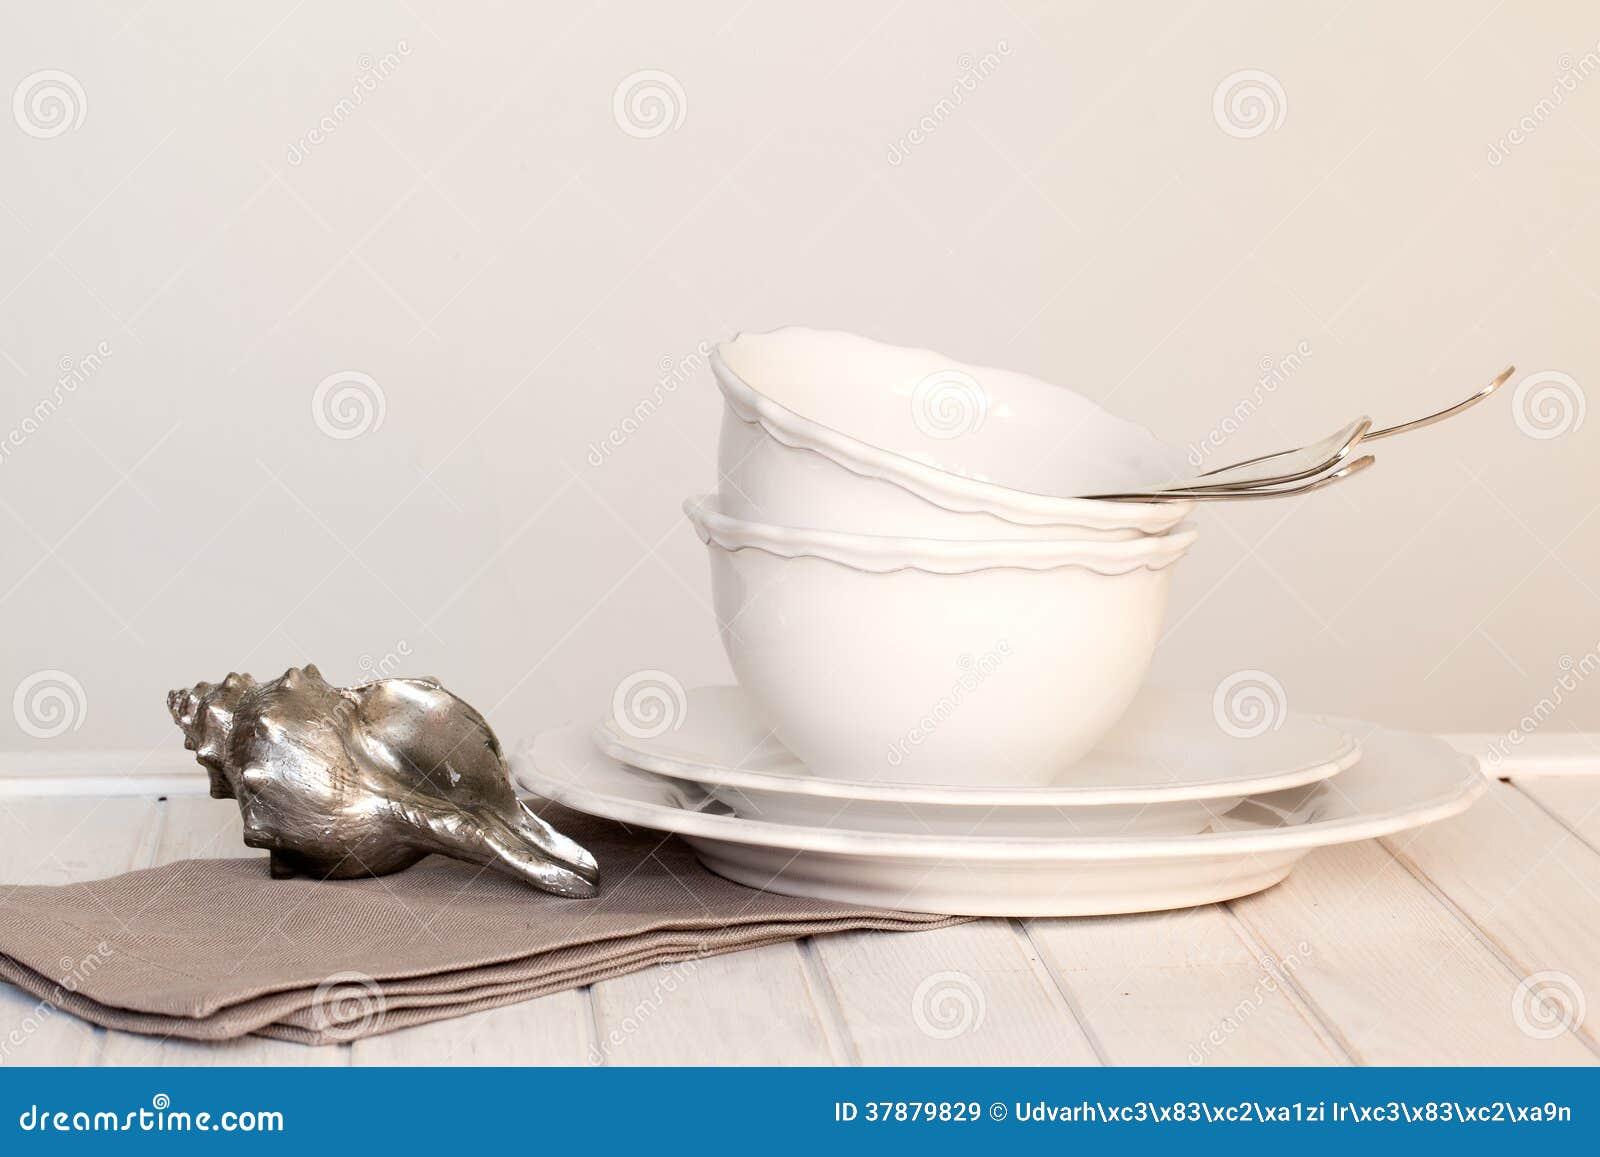 Άσπρα πιάτα, κύπελλα, μαχαιροποιός